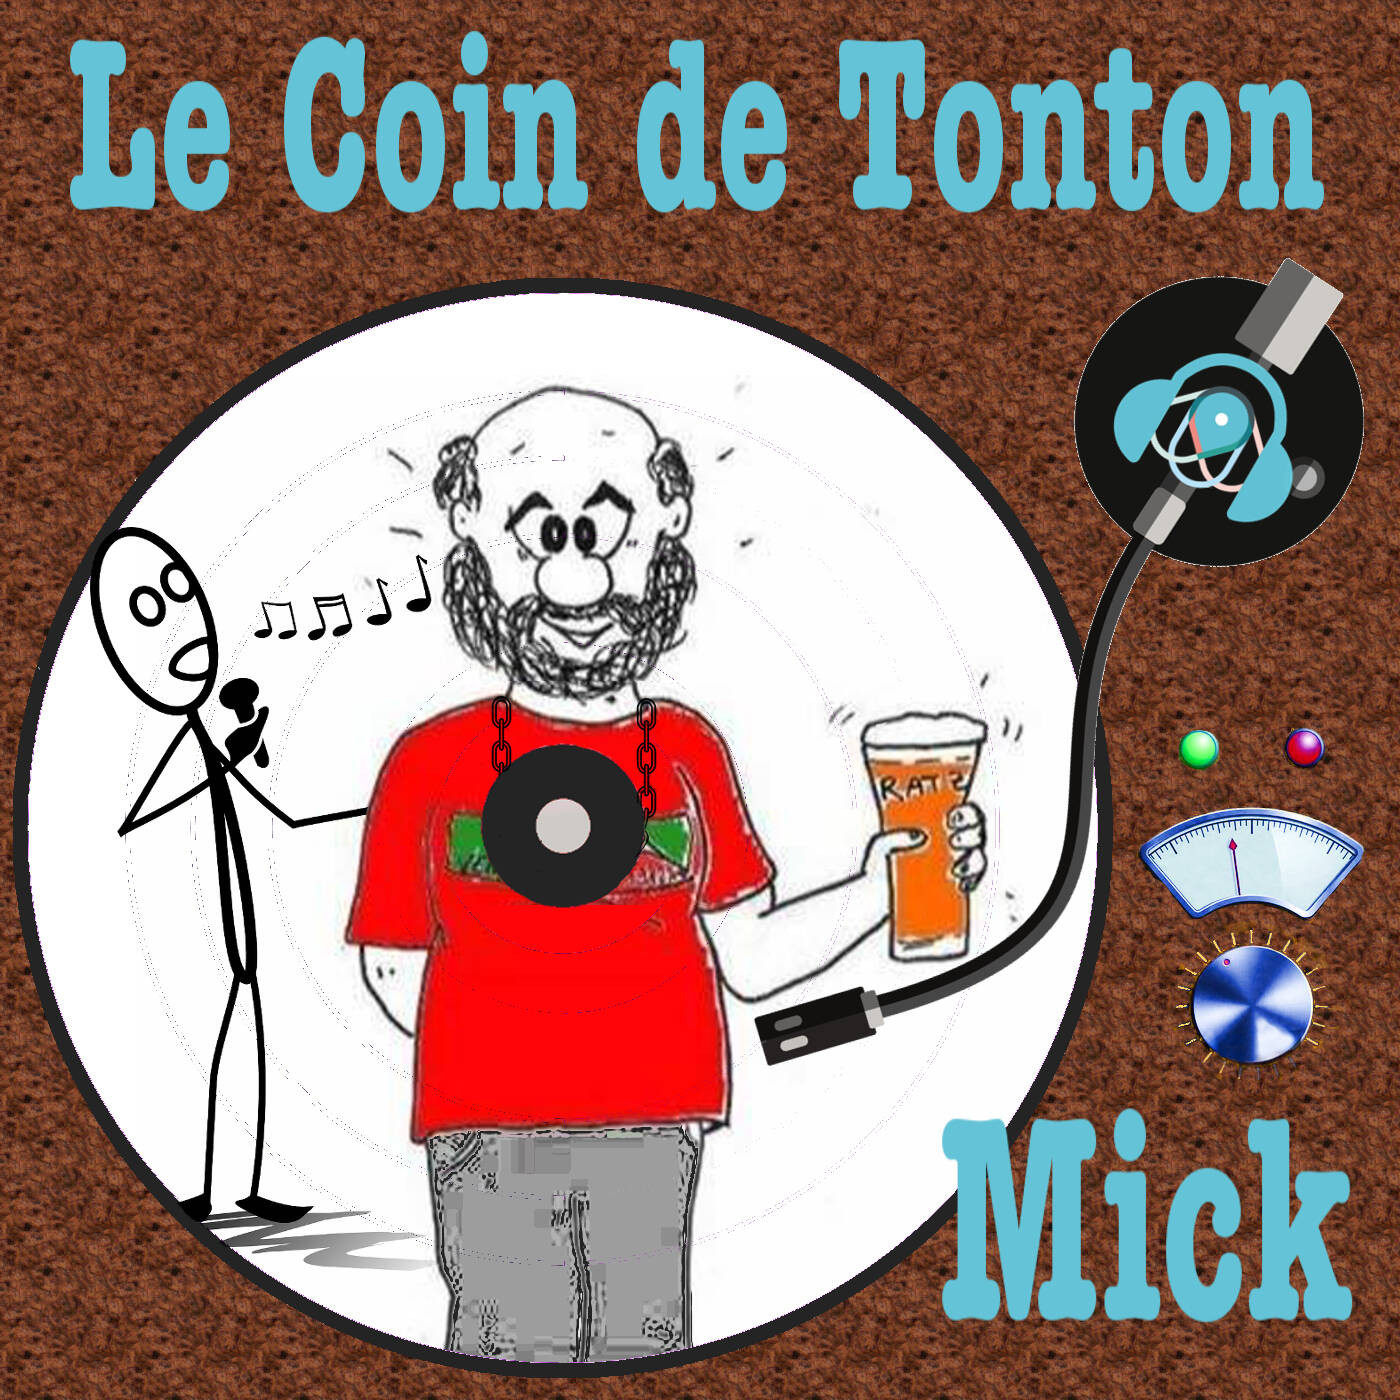 LE COIN DE TONTON MICK